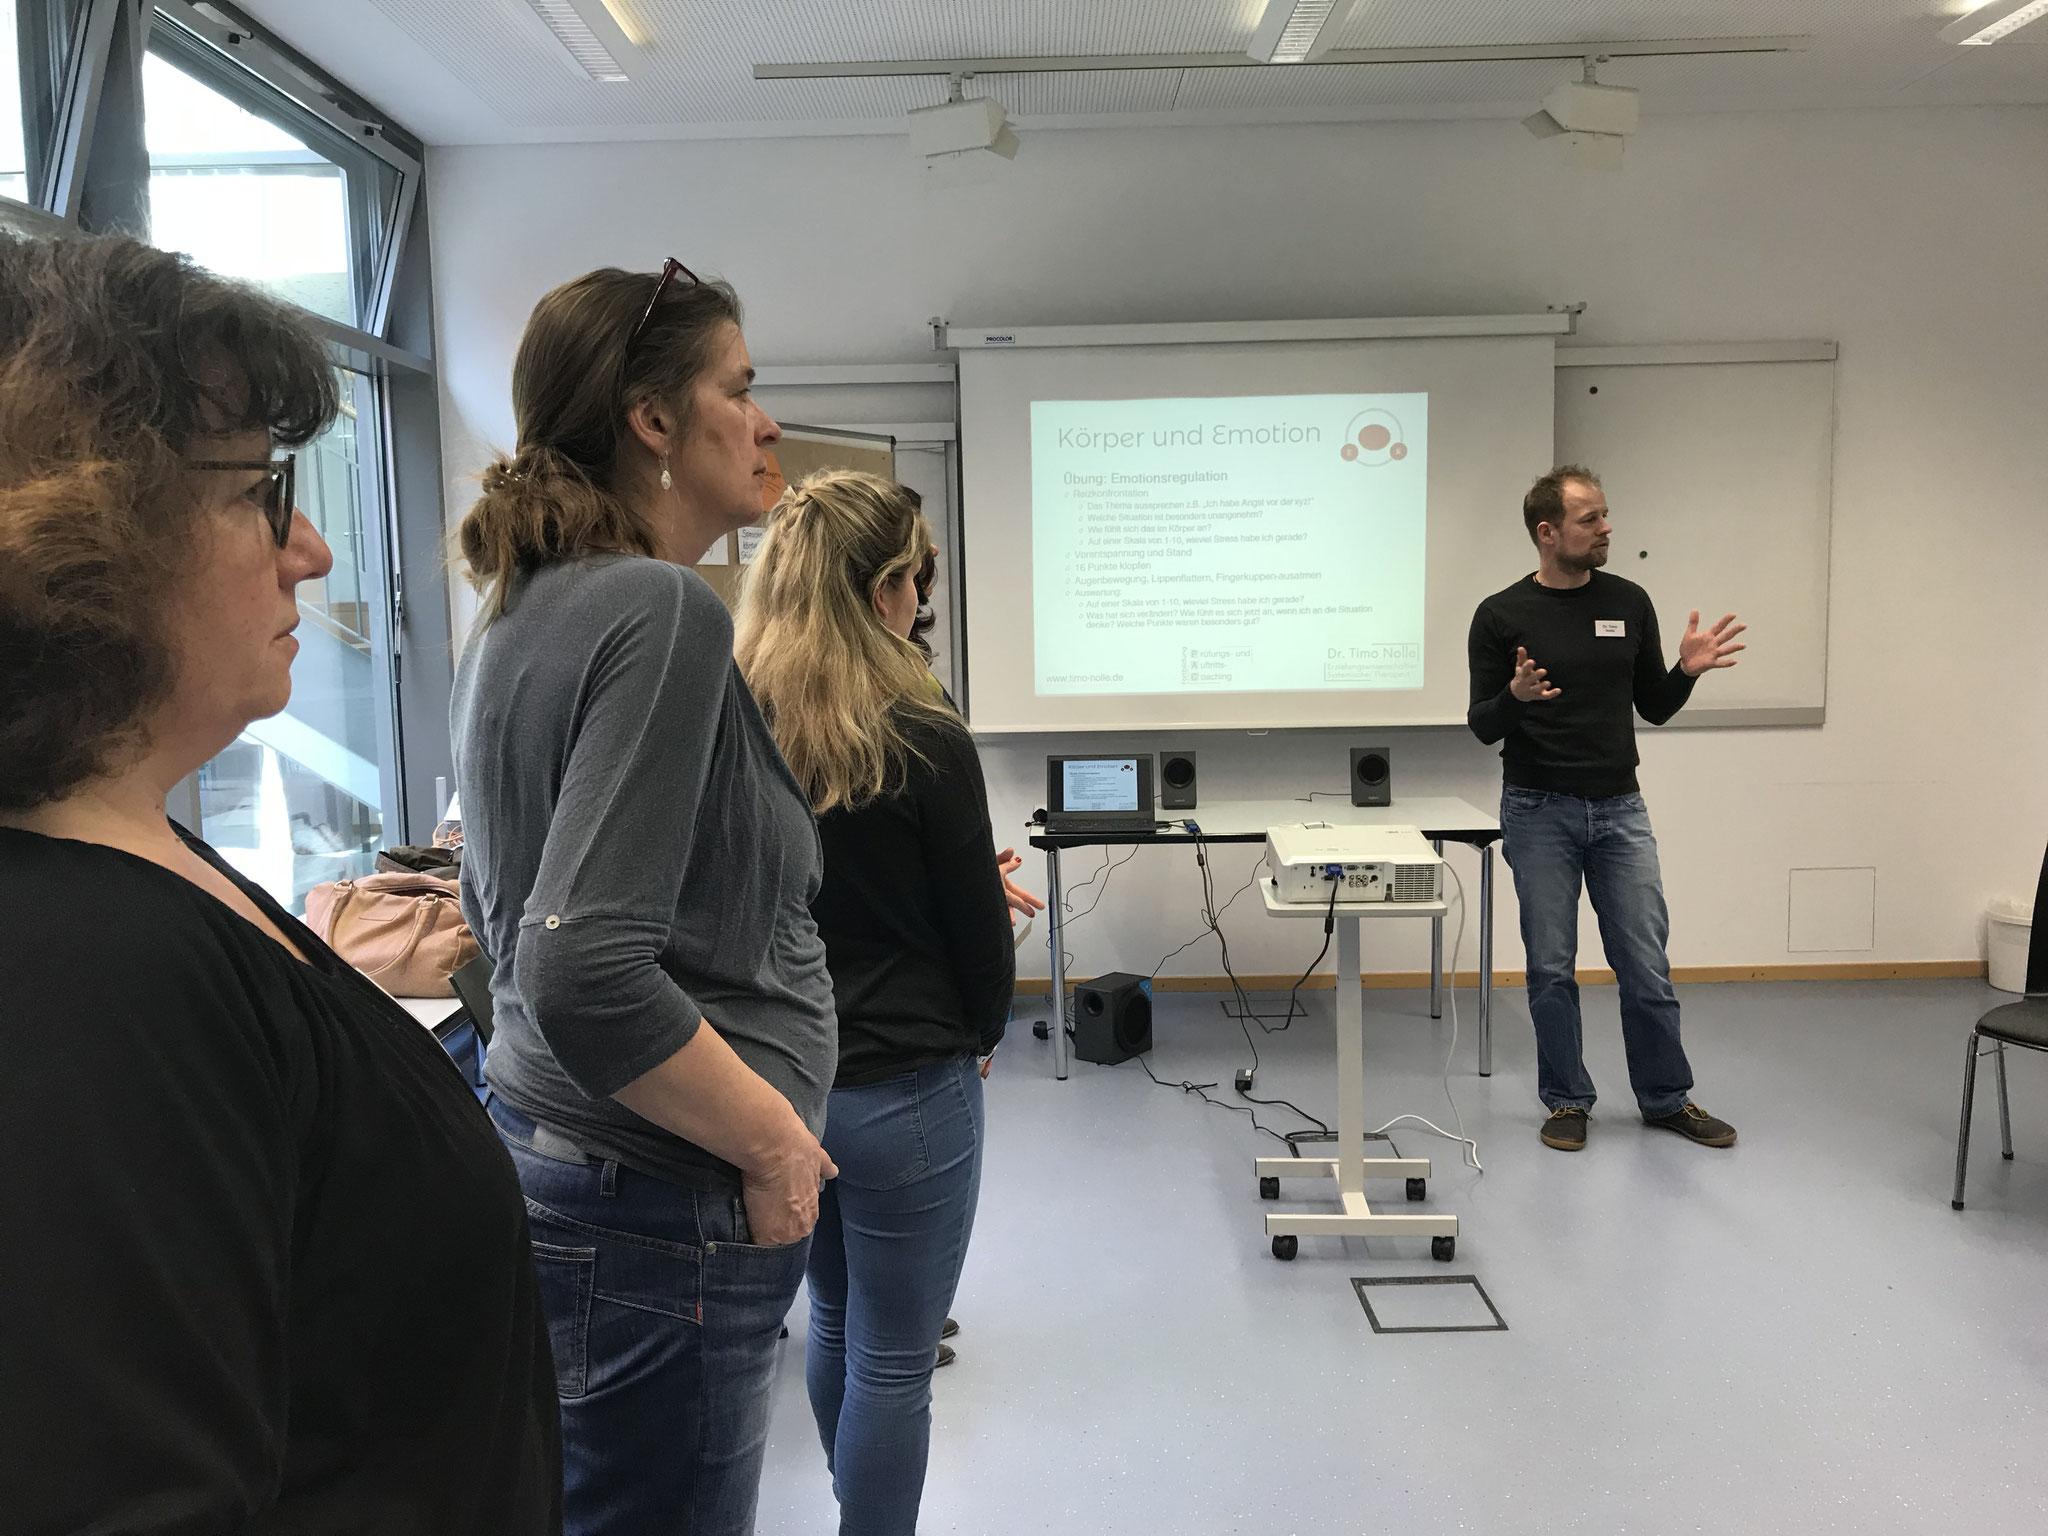 Studien- und Mentorentag der Universität Kassel 2018